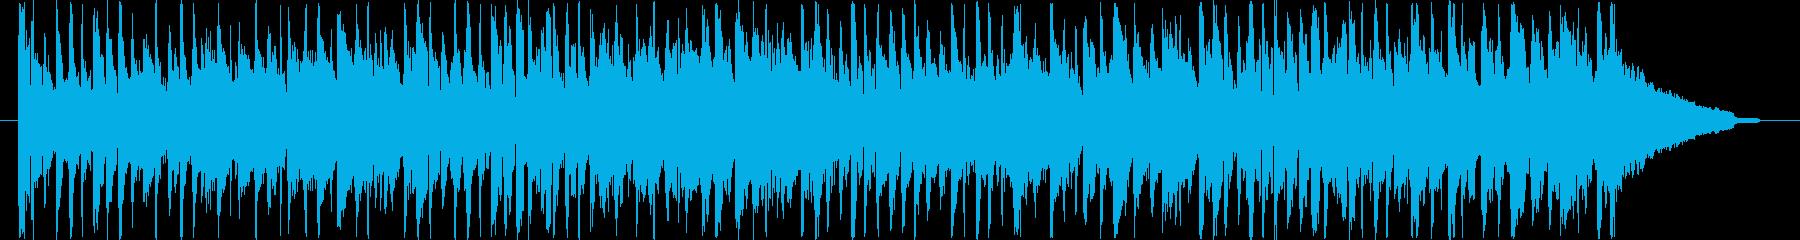 非常に伝統的なジャズ、ピアノ付きト...の再生済みの波形